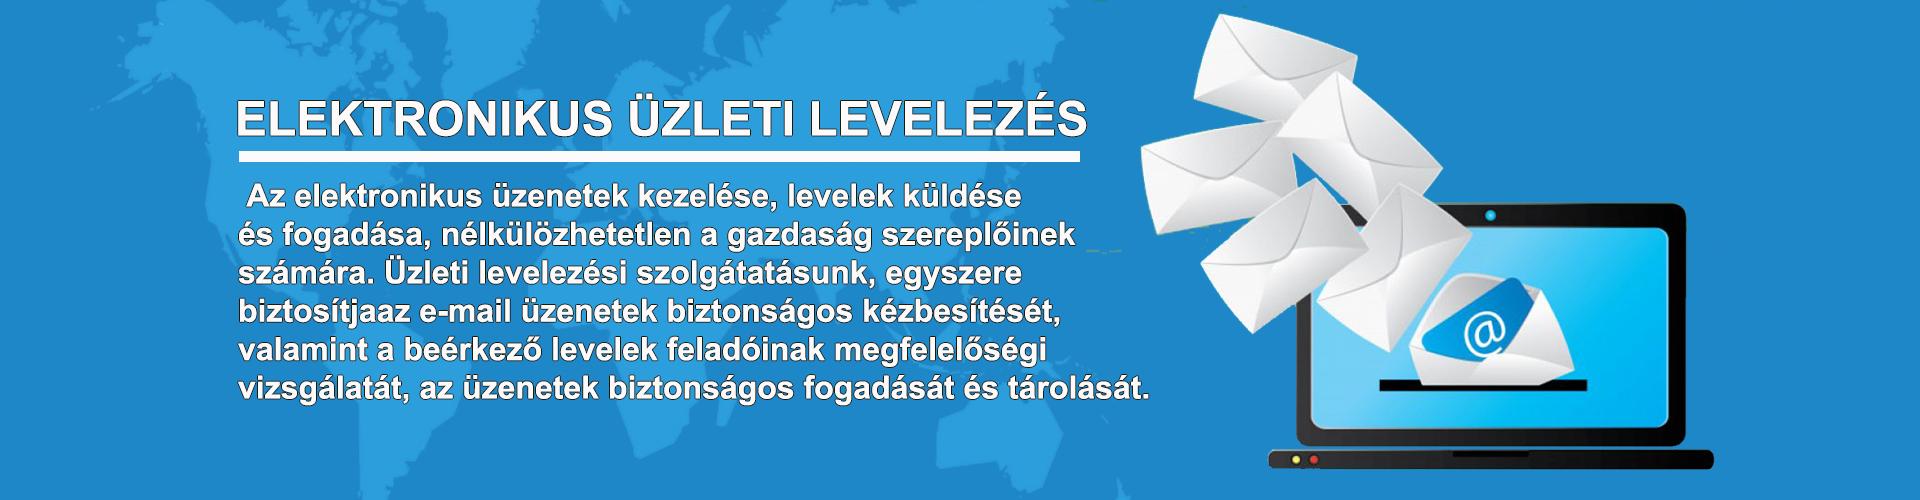 Elektronikus üzleti levelezés